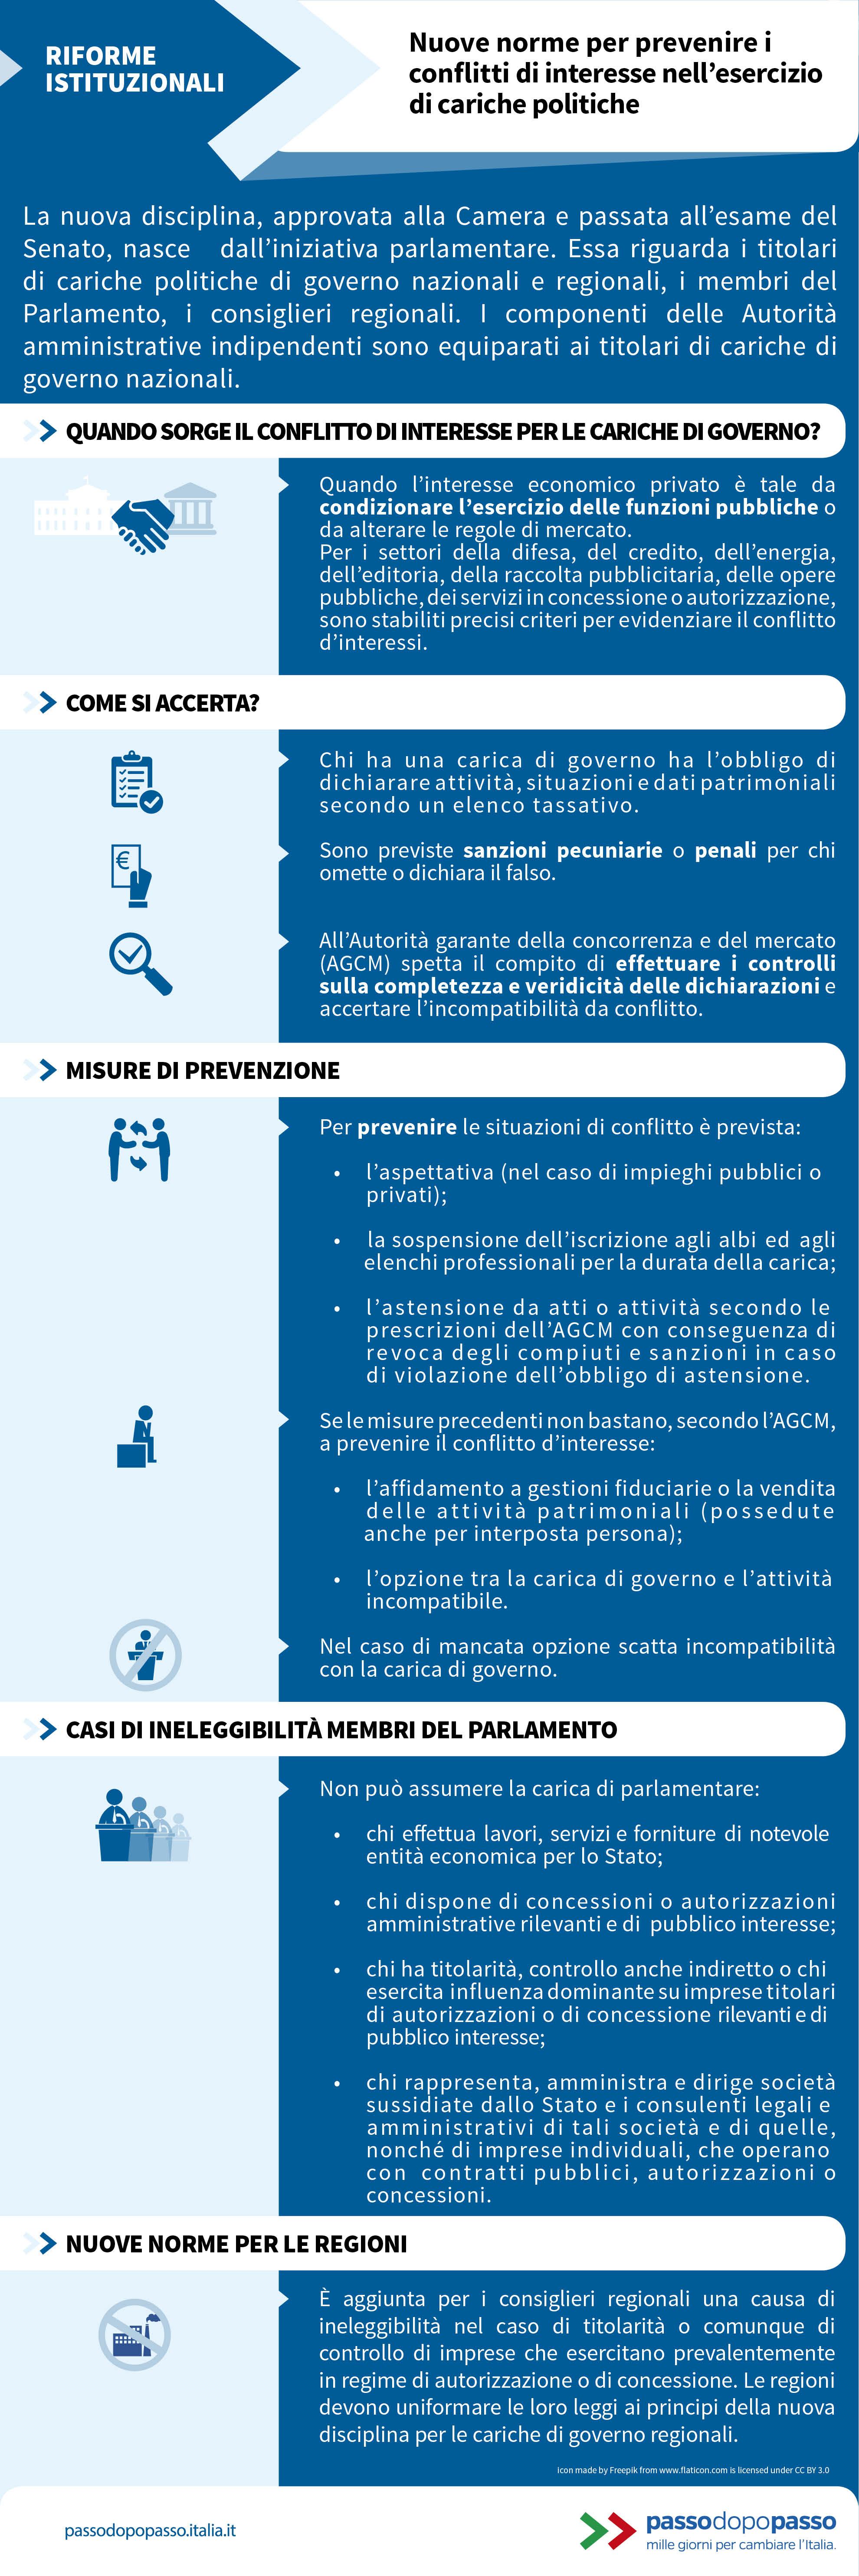 Infografica: Nuove norme per prevenire i conflitti di interesse nell'esercizio di cariche politiche